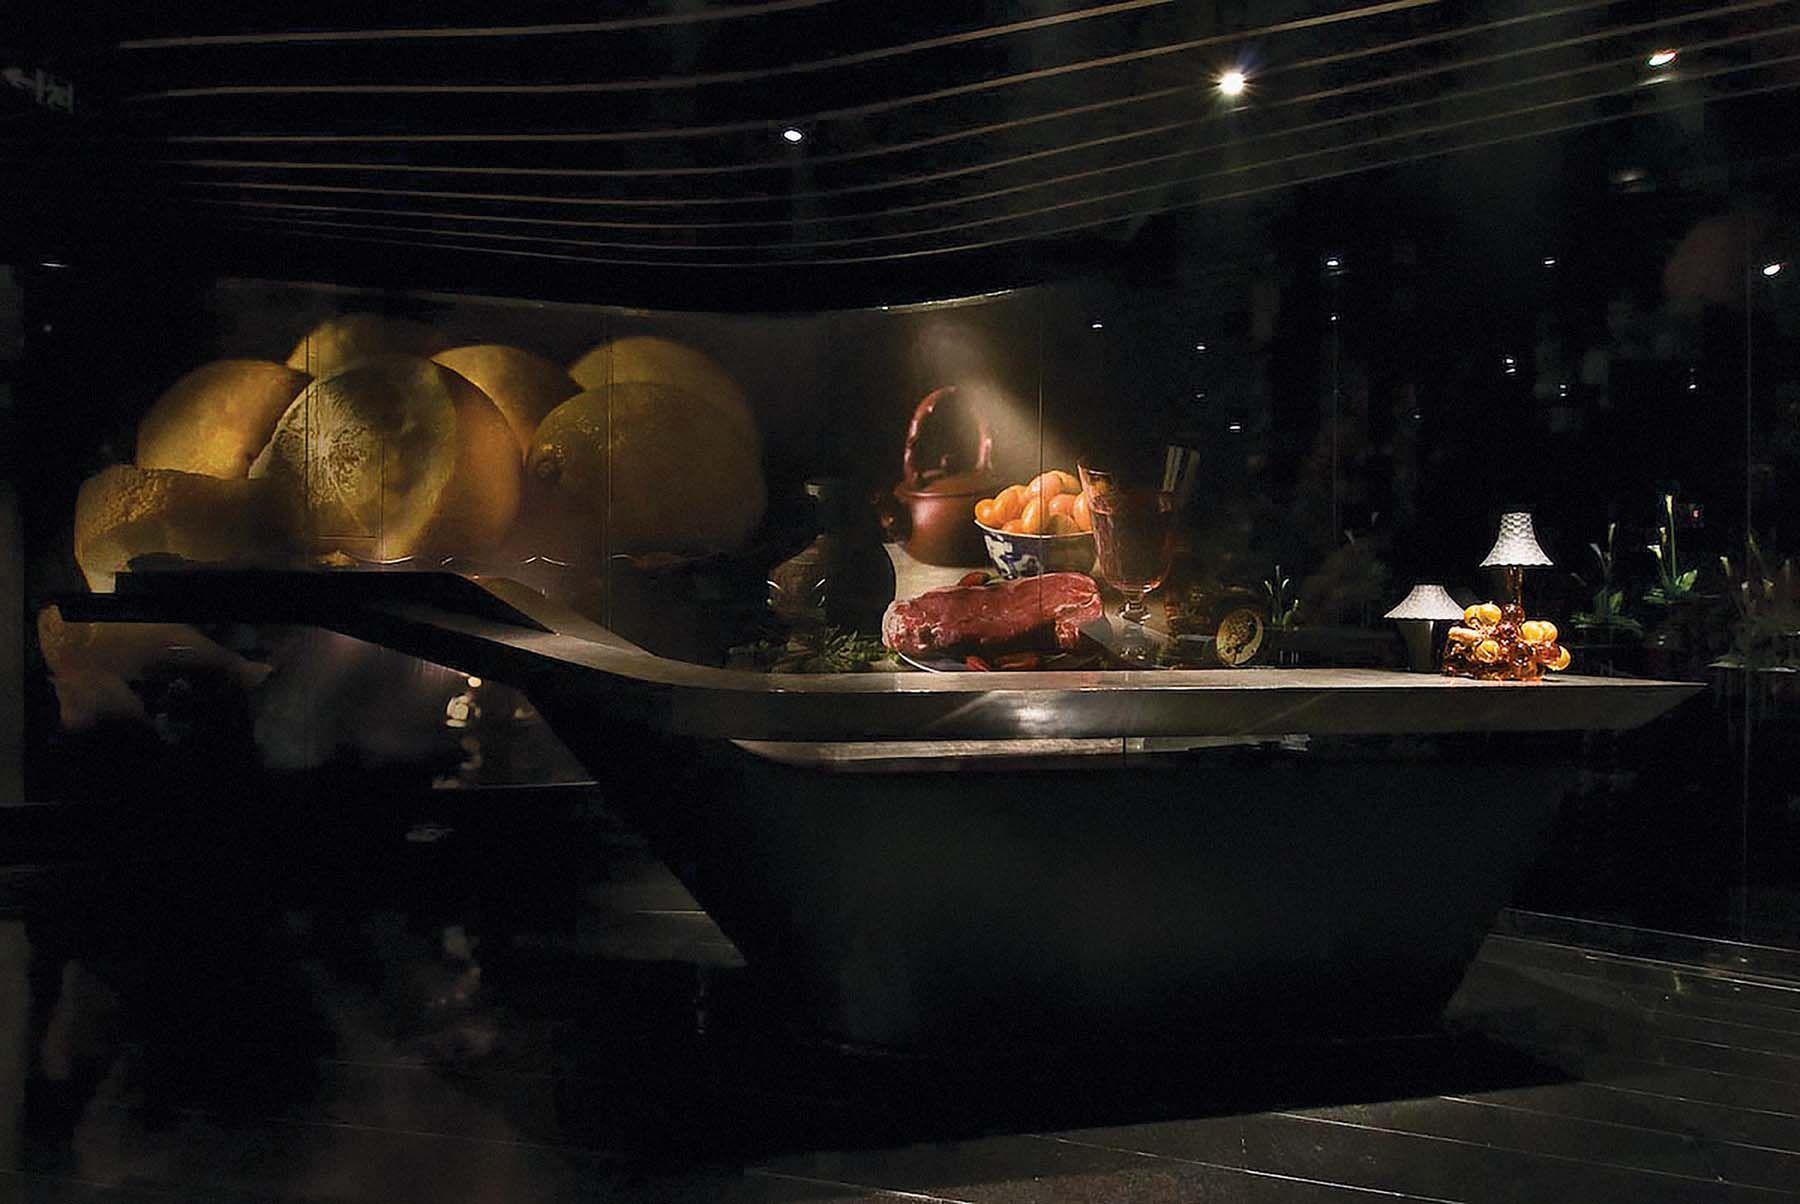 Gingko Bacchus Restaurant